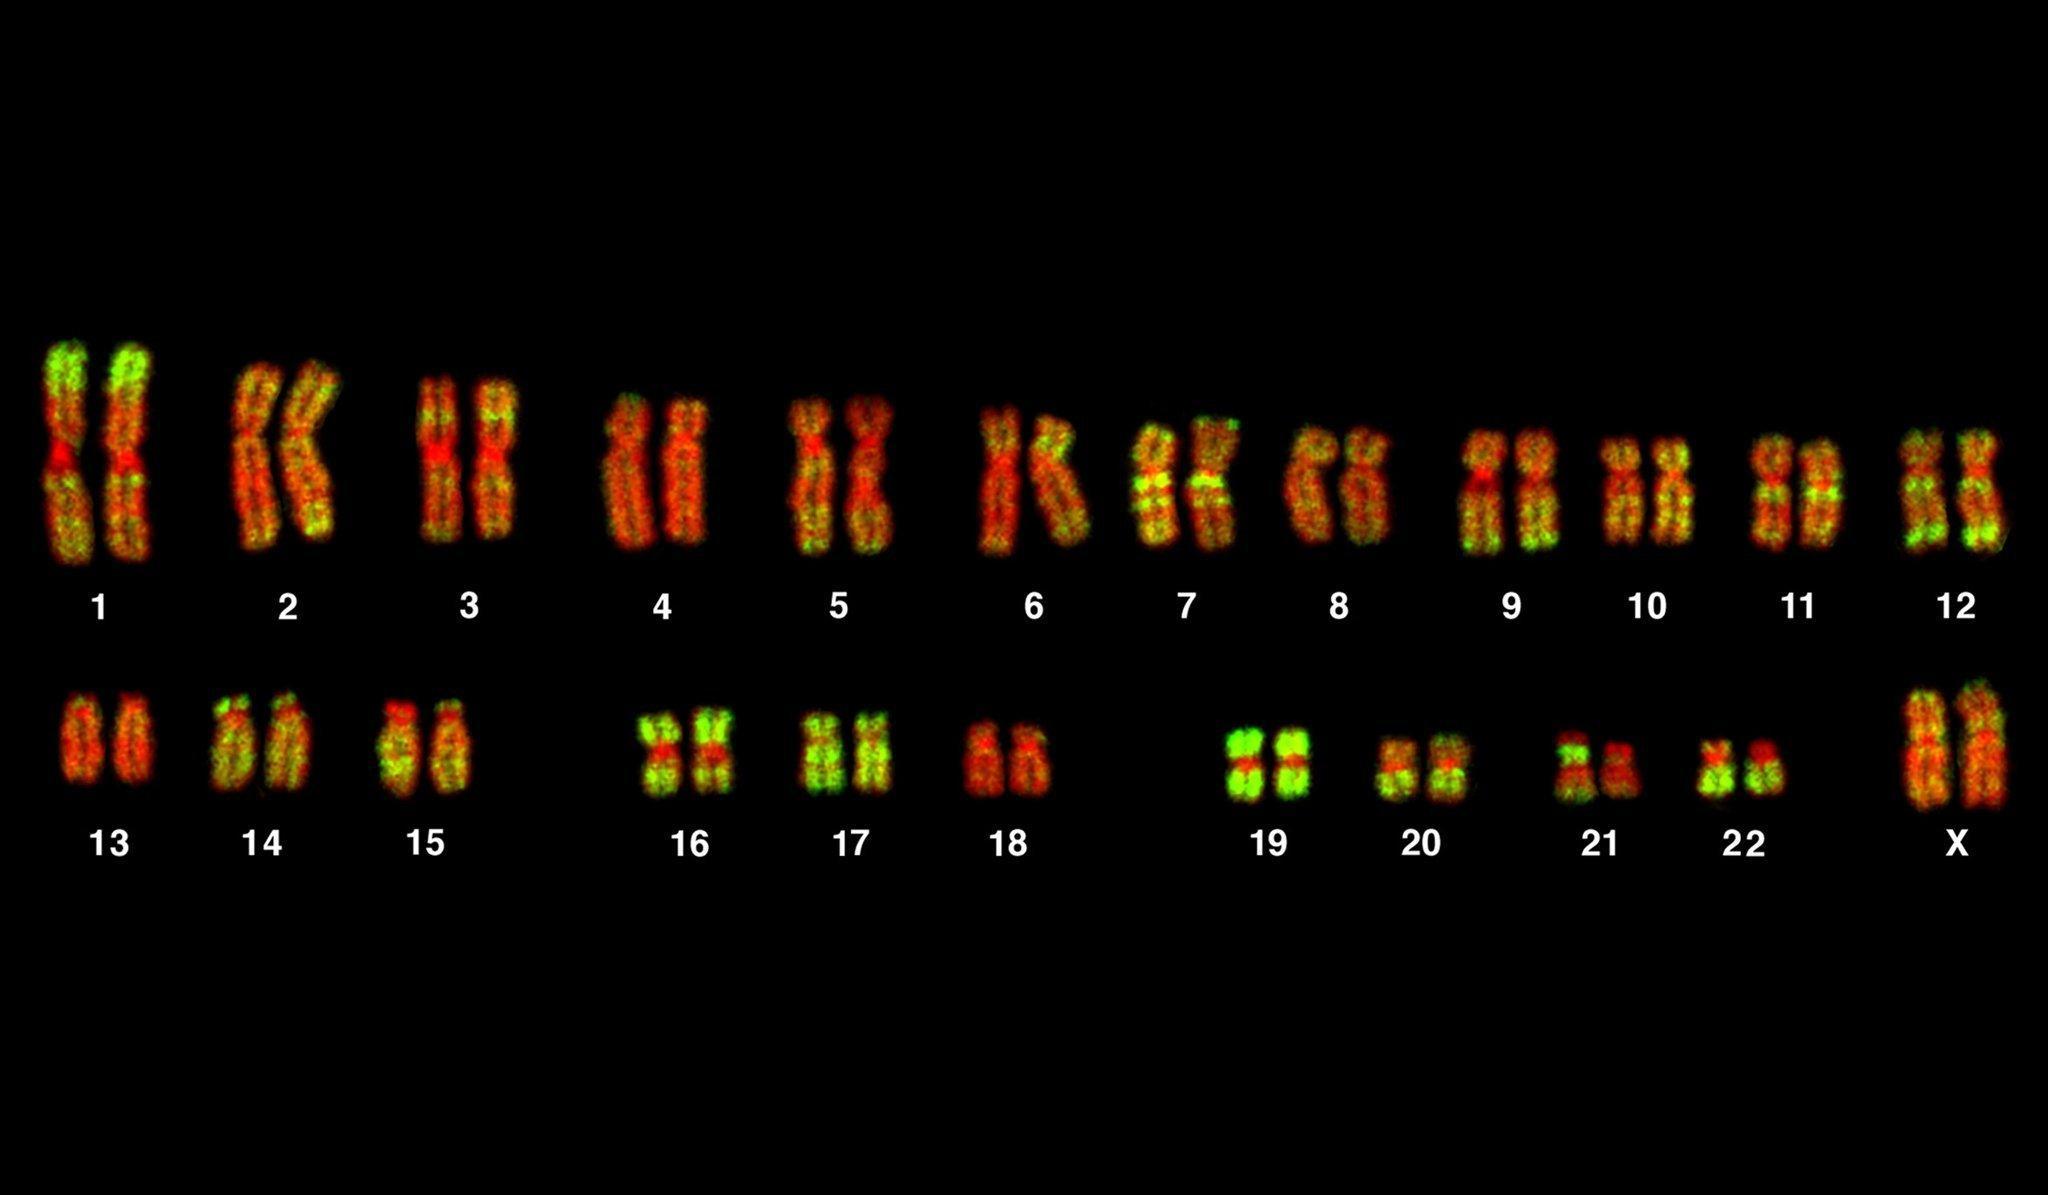 Zu sehen sind 46nebeneinander angeordnete, leuchtend rot und grün schimmernde Stäbchen auf schwarzem Untergrund. Es sind die Chromosomen des Menschen, in denen das Erbgut organisiert ist. Forscher entdeckten zu ihrem Erstaunen, dass mehr als acht Prozent der DNA gar nicht vom Menschen, sondern von Viren stammen. Die Krankheitserreger haben im Lauf der Evolution ihr eigenständiges Dasein aufgegeben und sich in den menschlichen Genbestand integriert. Das war für den Menschen kein Nachteil, denn einige der Viren-Gene haben für den Menschen heute durchaus nützliche Eigenschaften.